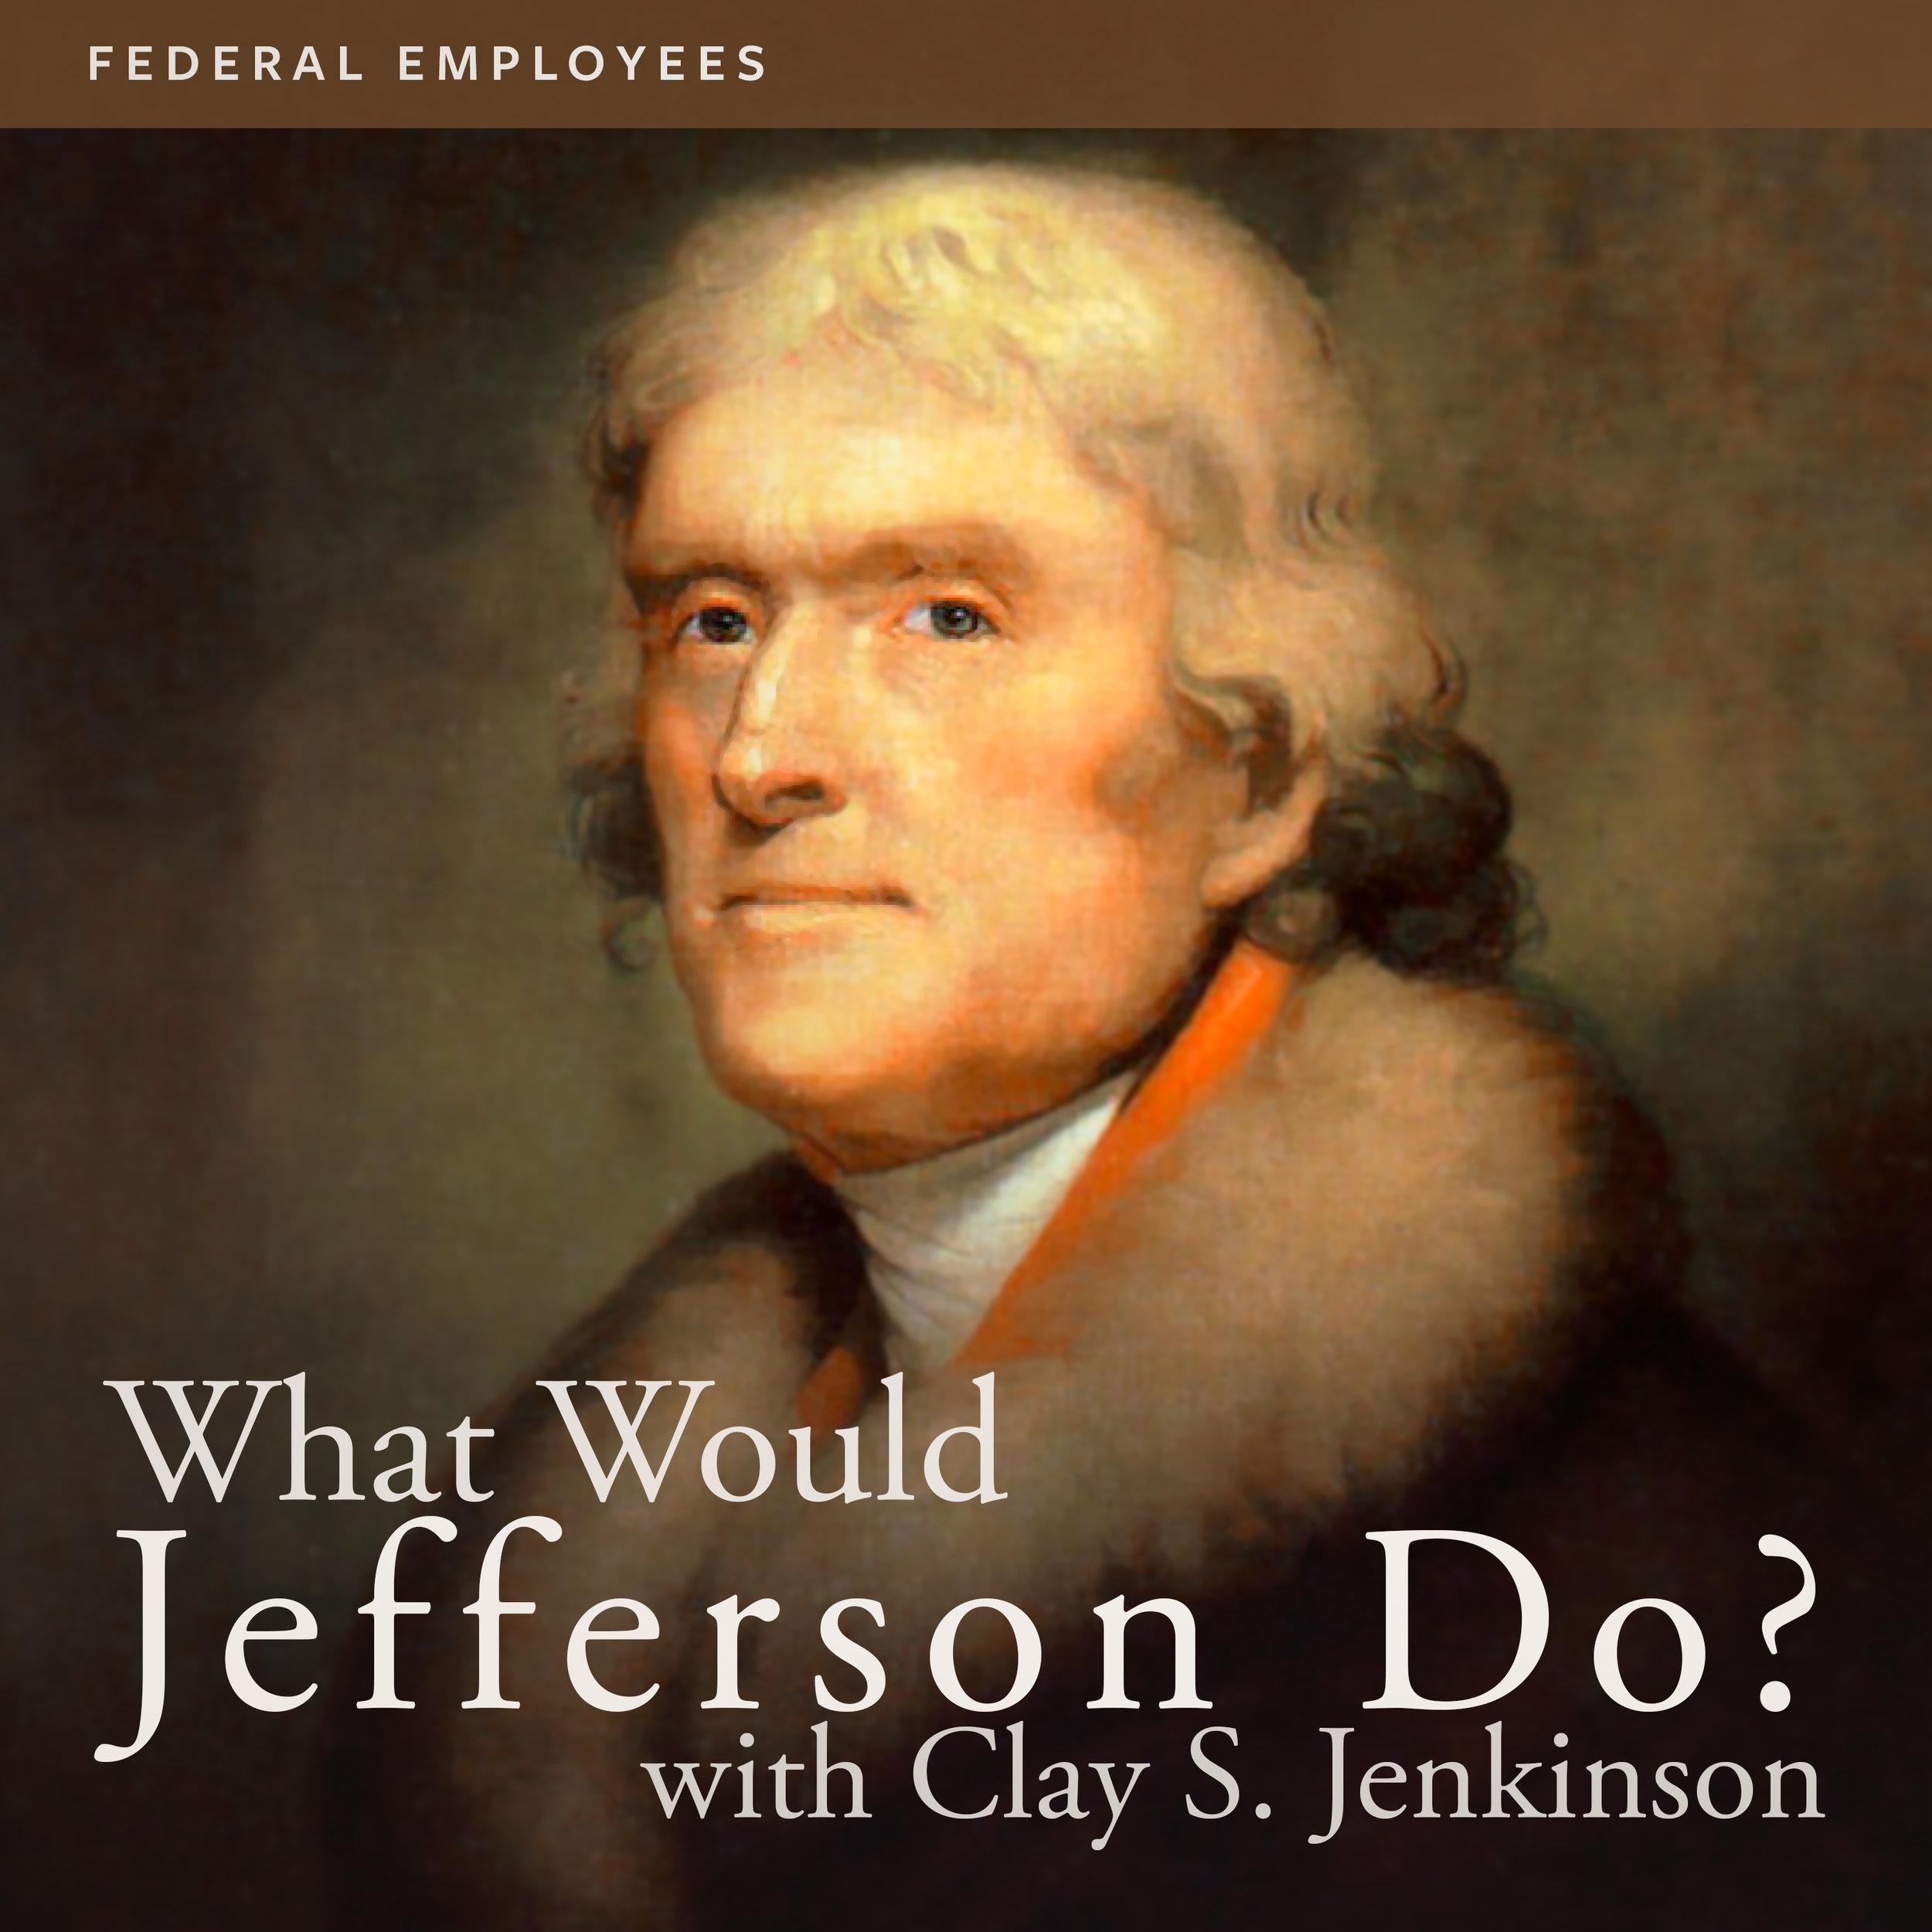 WWTJD_1325 Federal Employees.jpg